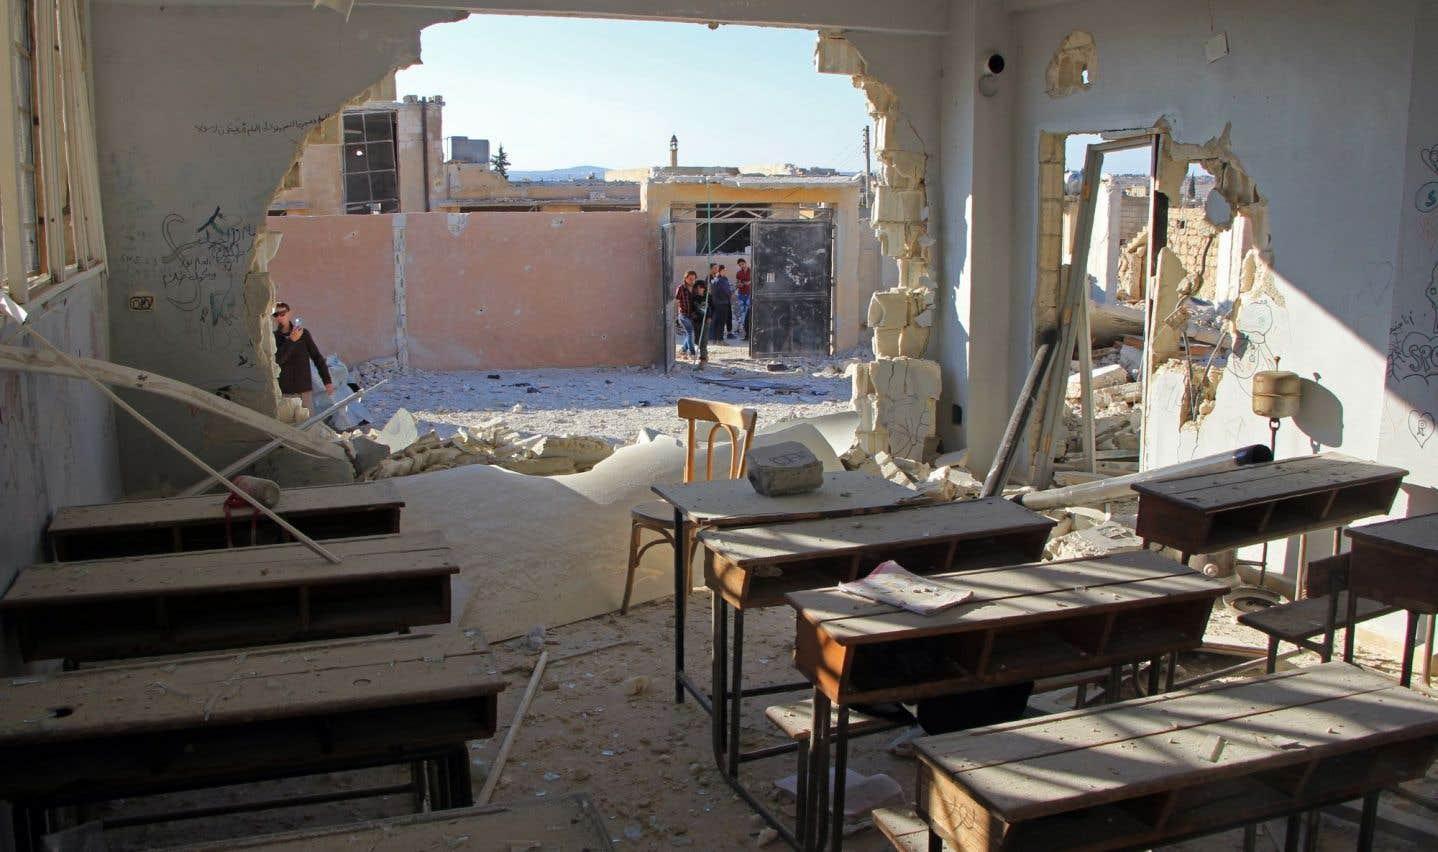 La Russie nie avoir tué 22 enfants en Syrie